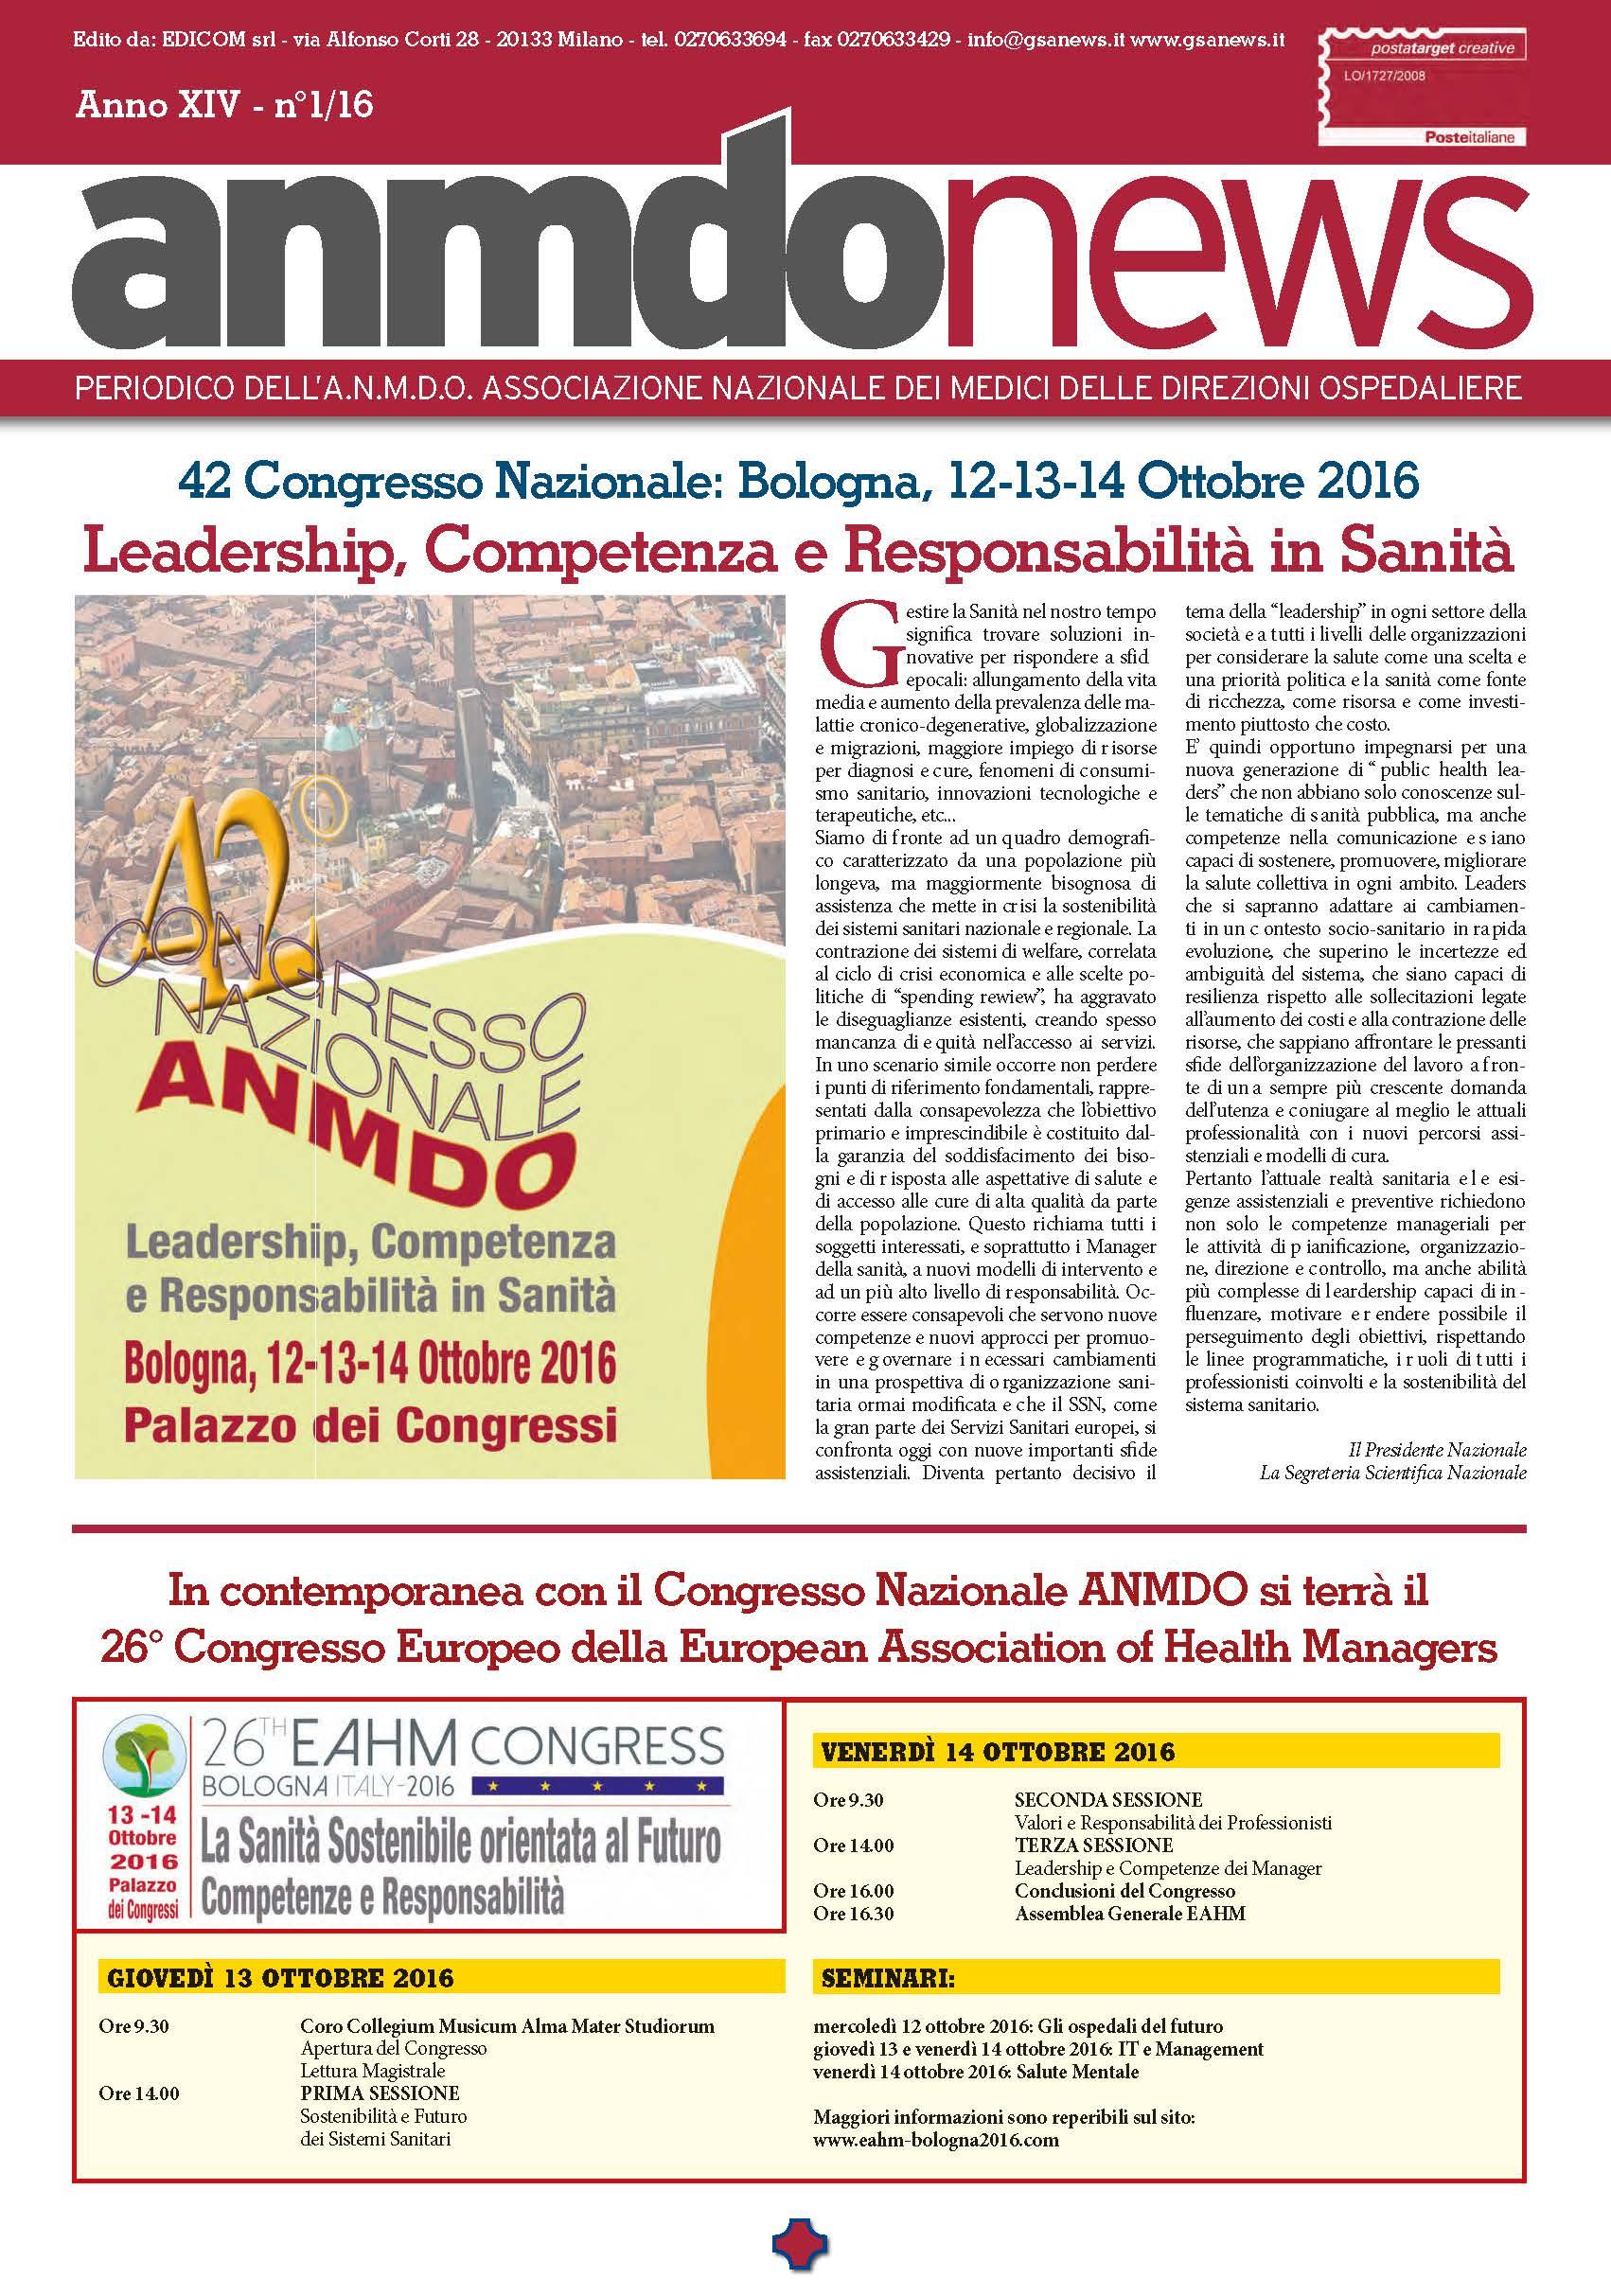 pagine-da-anmdonews_1_16